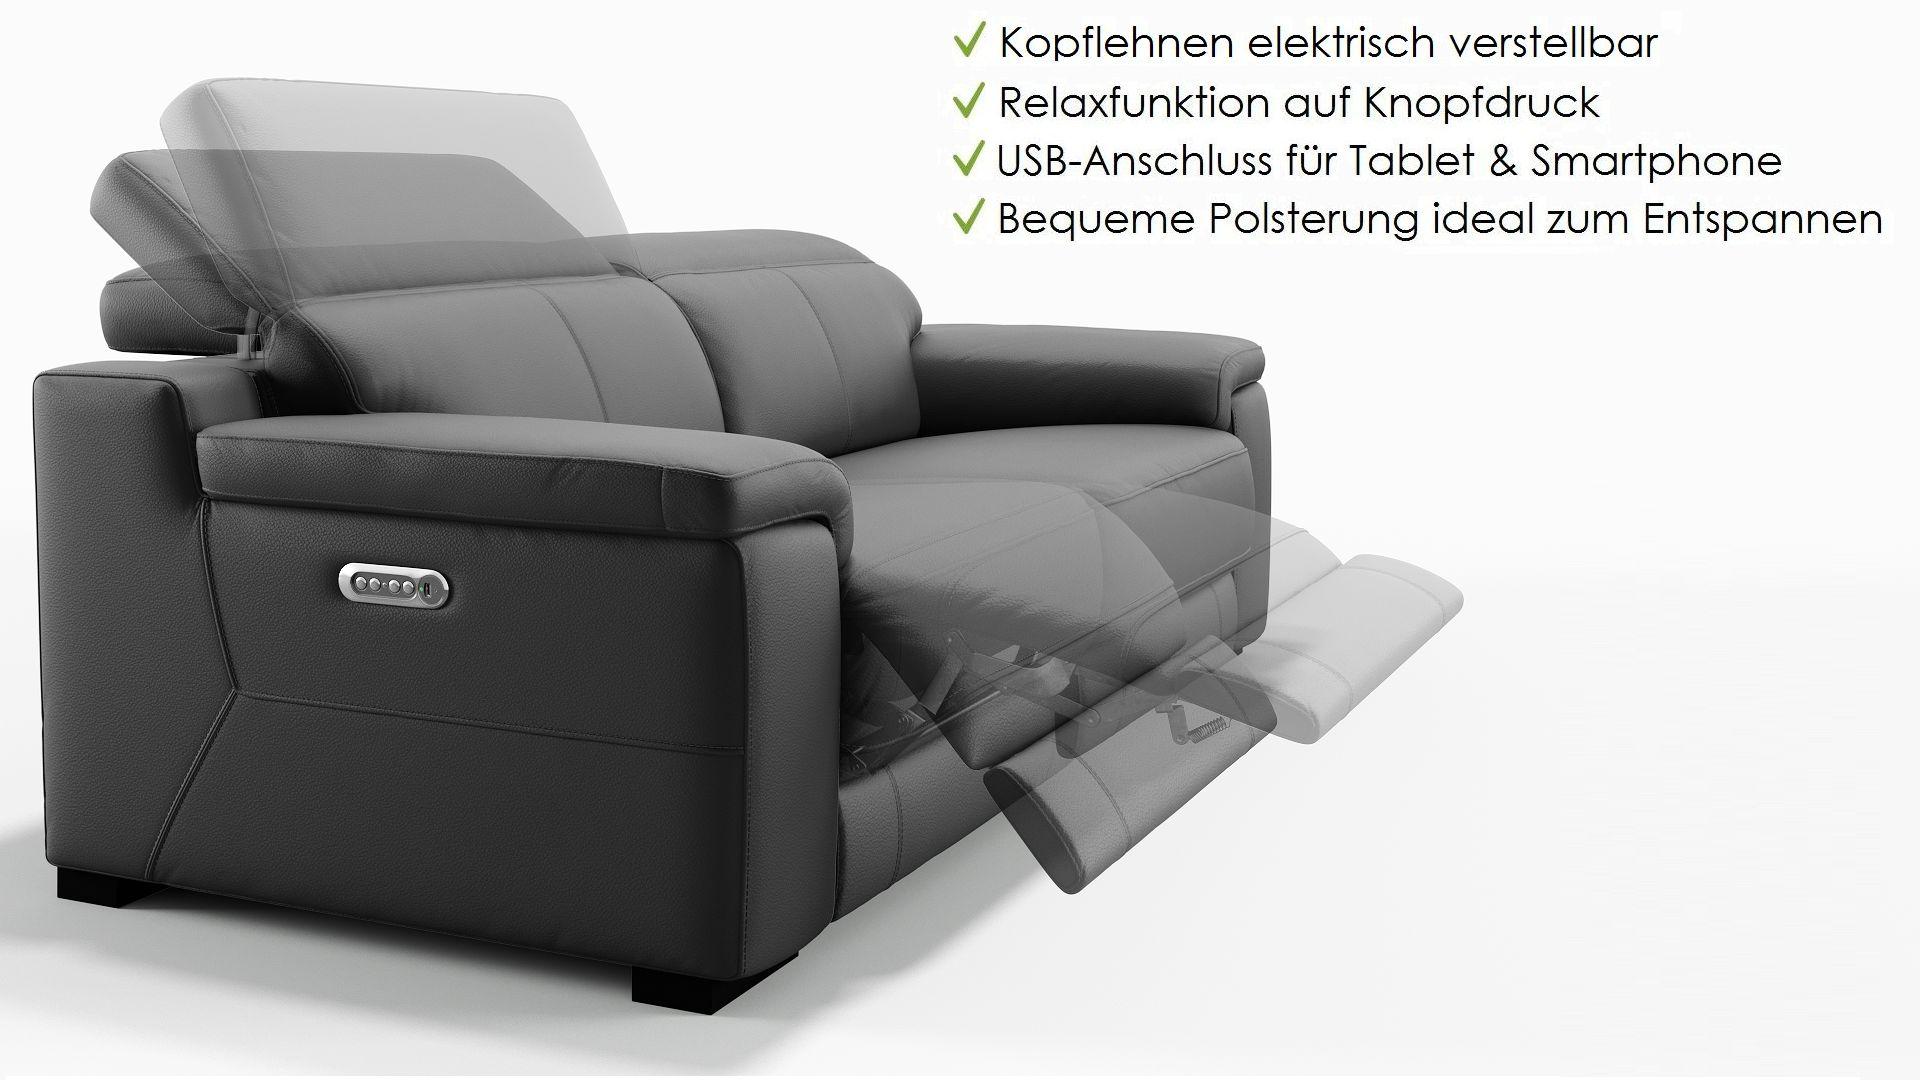 Full Size of Sora Funktionscouch Relaxsofa Sofanella Sofa Mit Elektrischer Sitztiefenverstellung Relaxfunktion Elektrisch Elektrische Fußbodenheizung Bad Wohnzimmer Relaxsofa Elektrisch